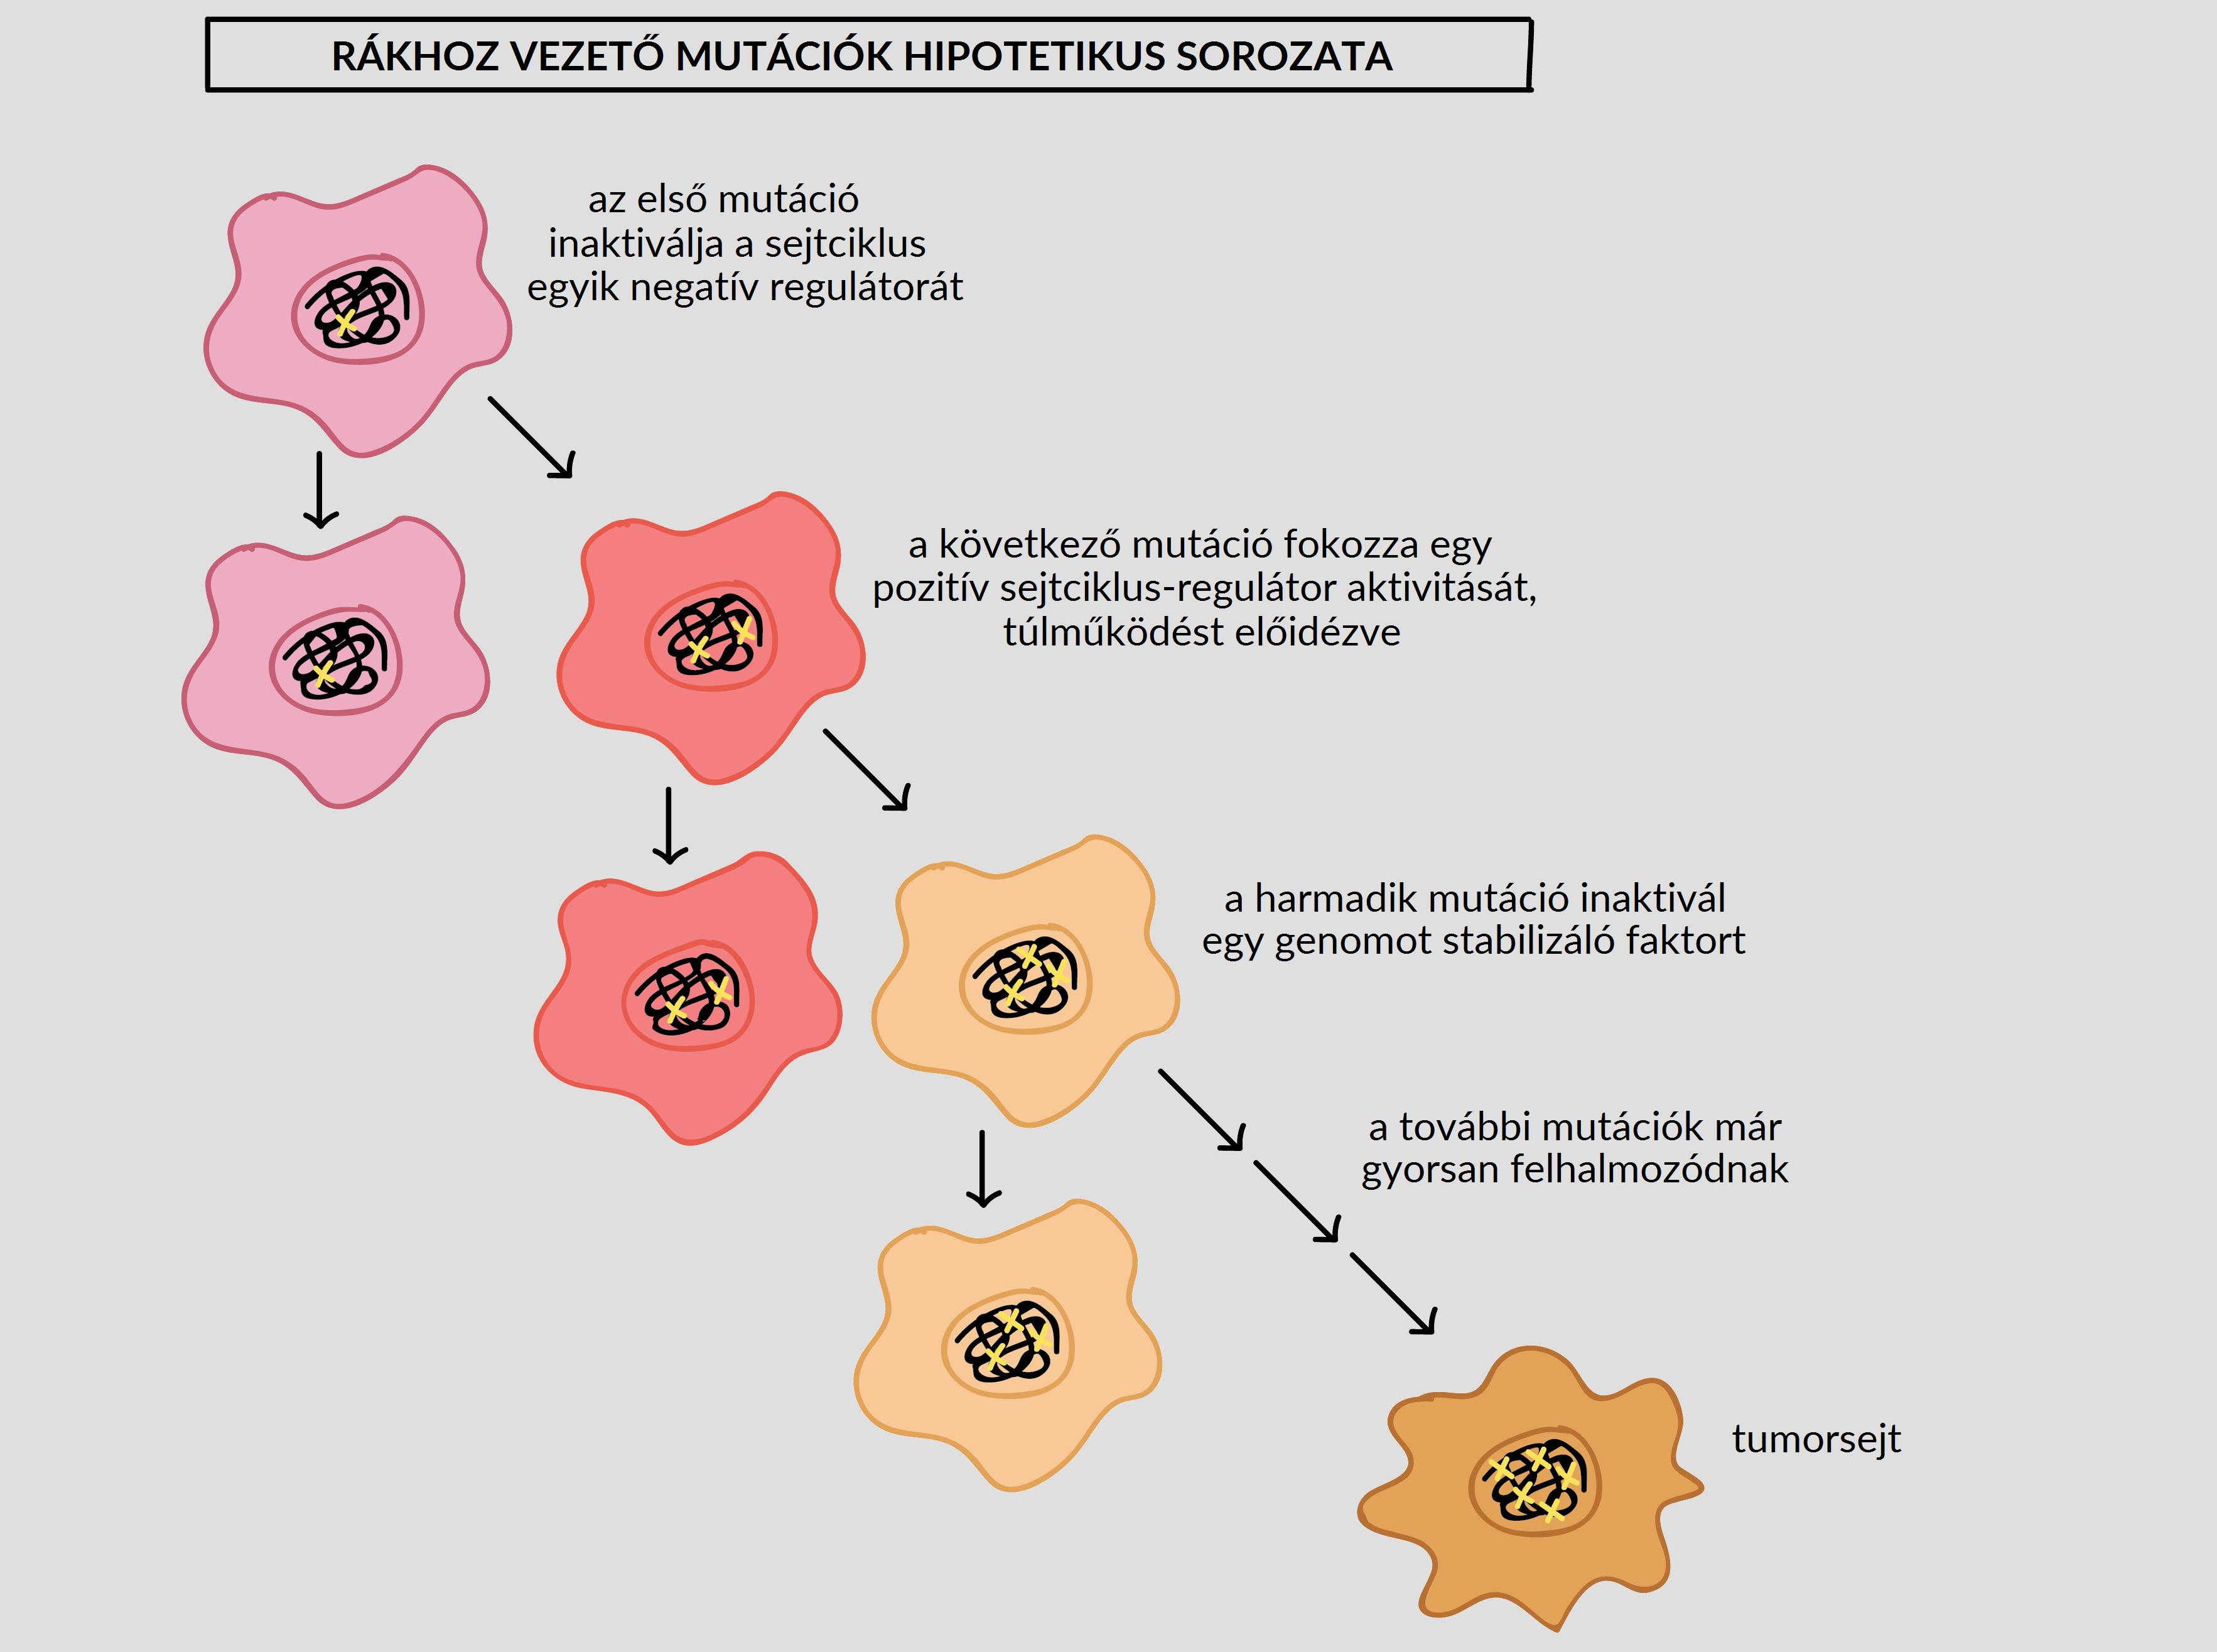 jóindulatú rákos őssejtek